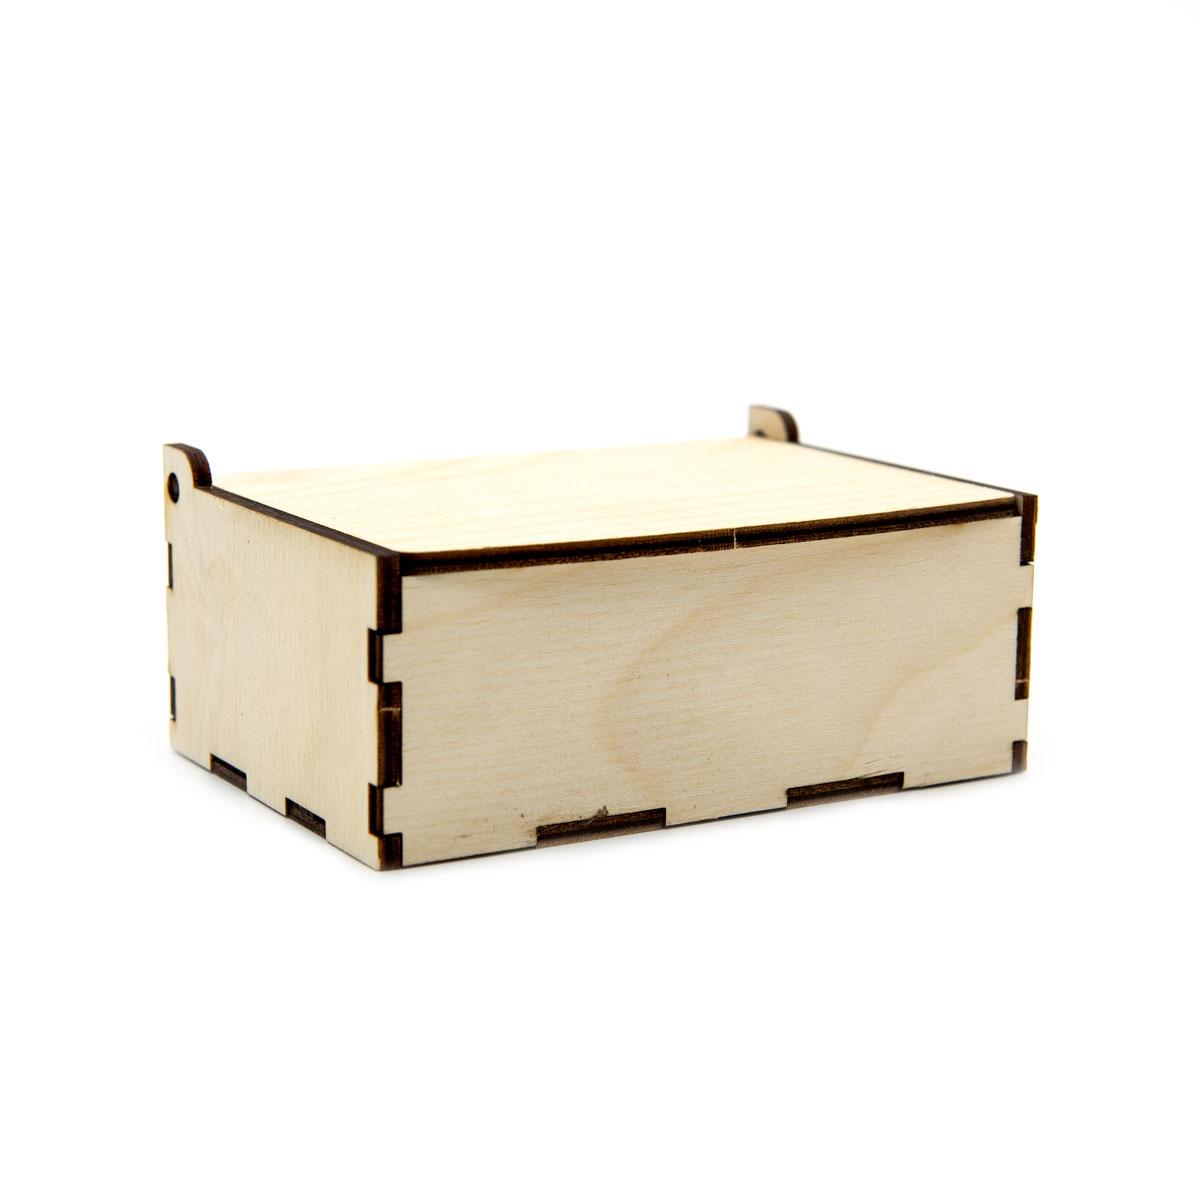 L-271 Деревянная заготовка коробочка 12*8*4,5см, 3мм толщ.фанеры, Astra&Craft